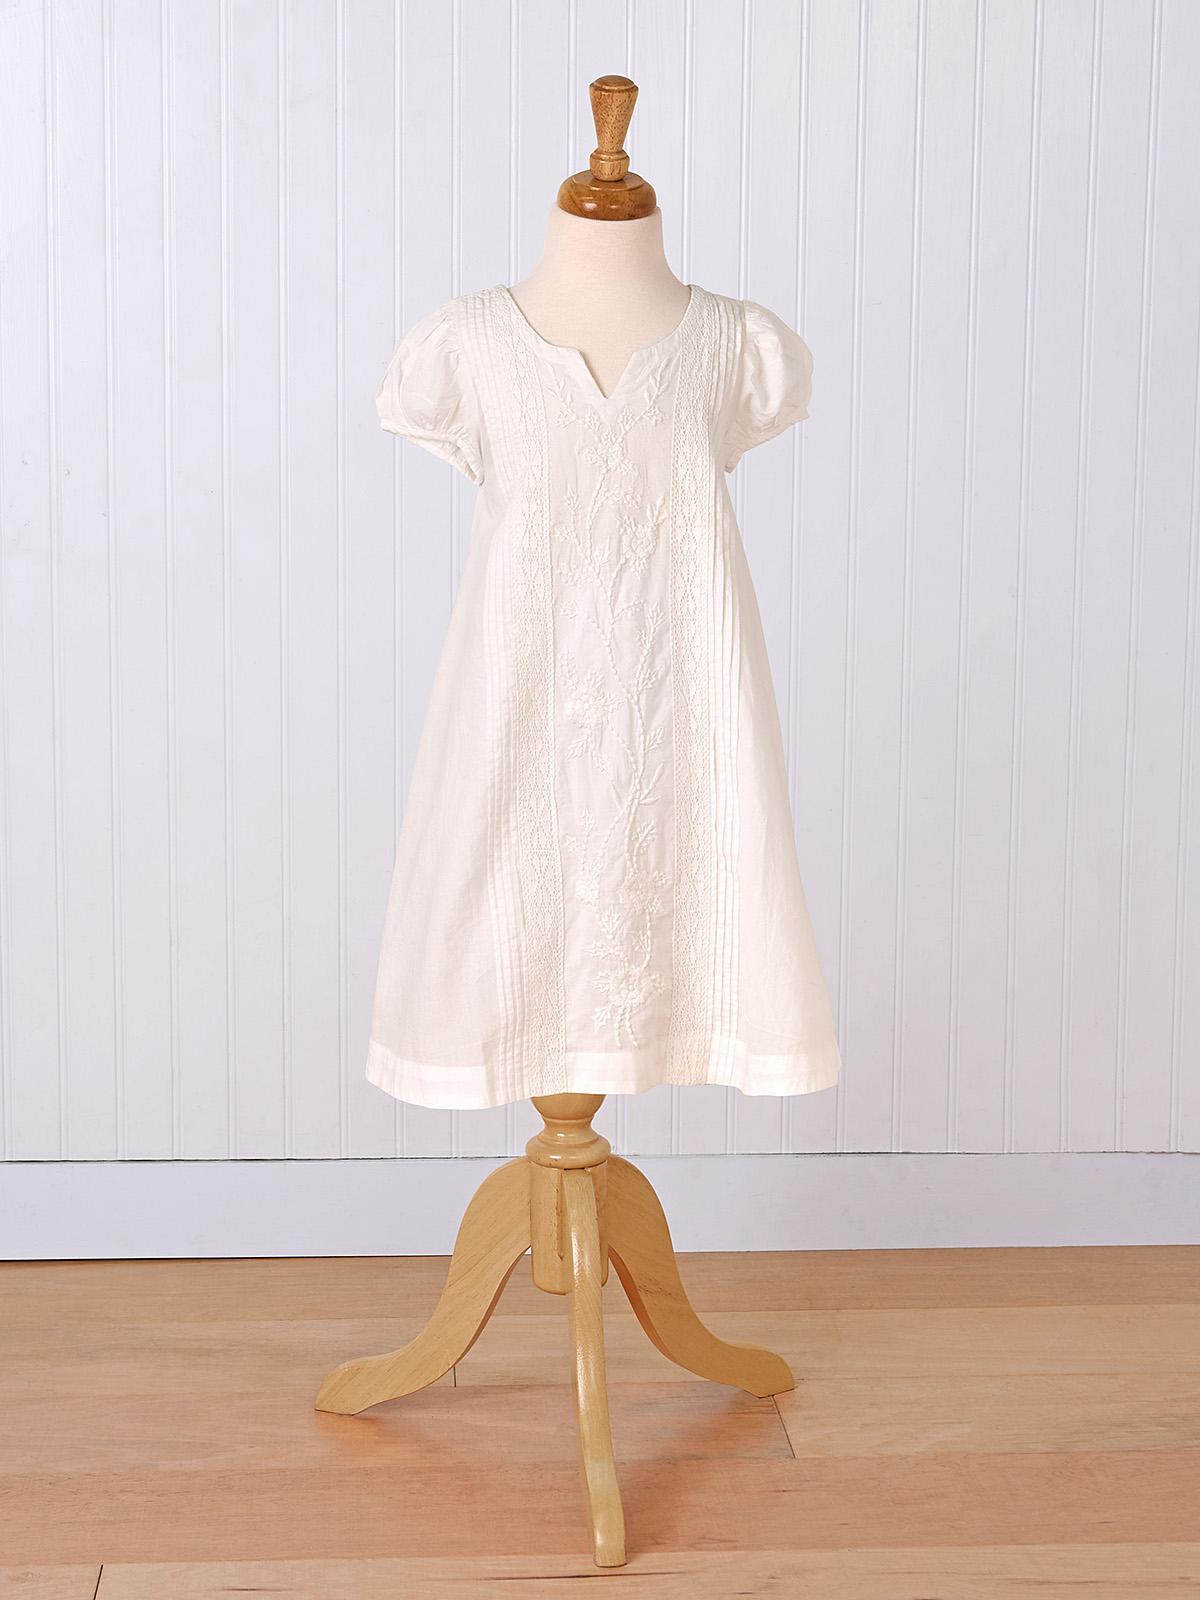 Hemmingway Girls Dress